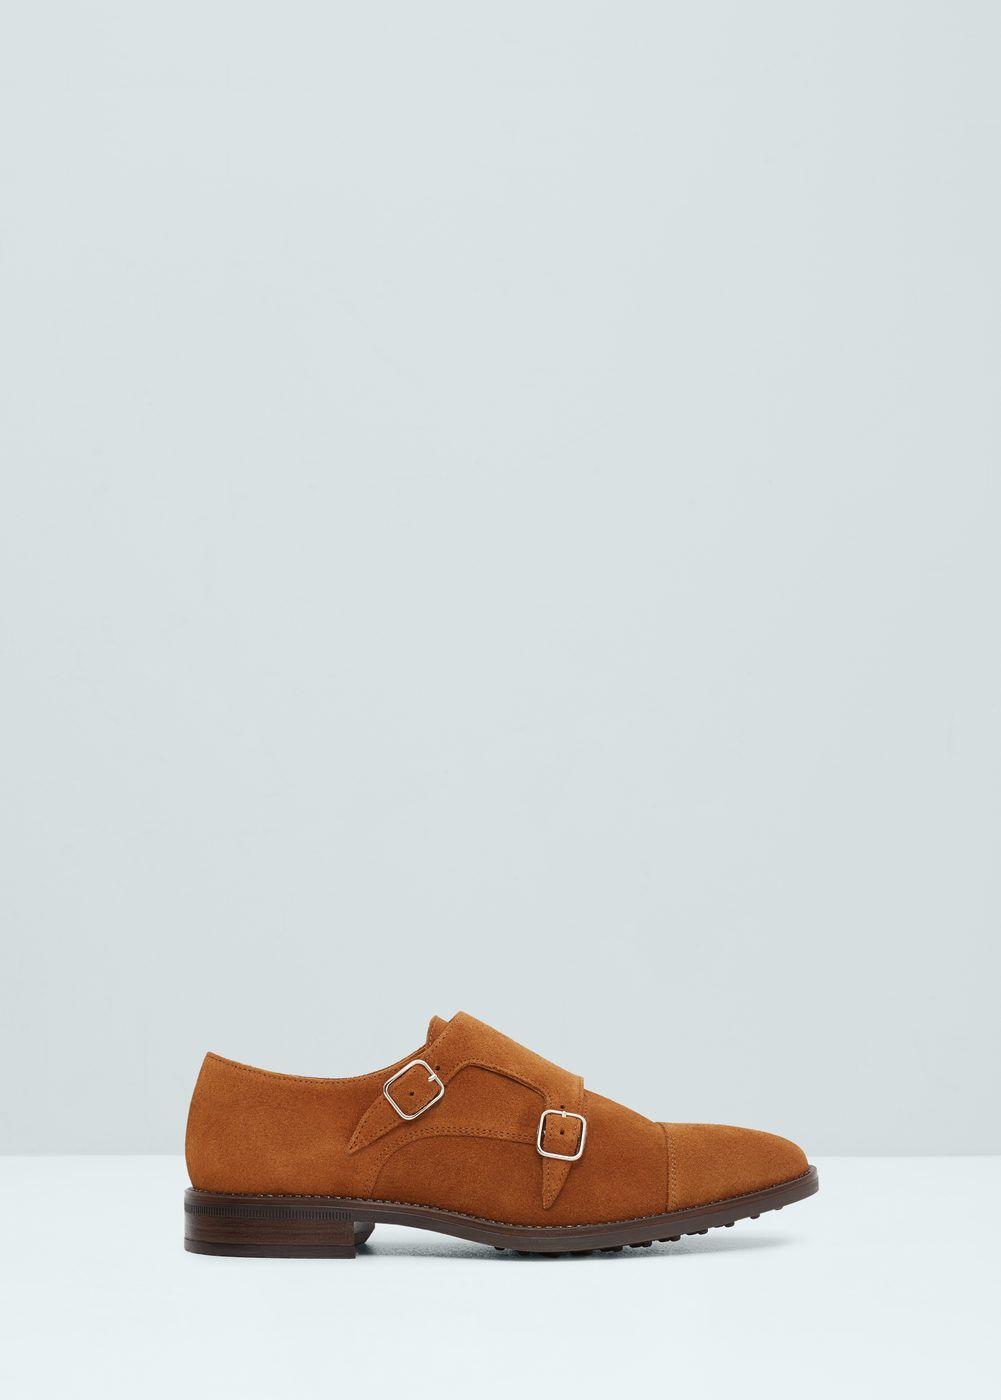 Sapatos monkstrap pele croute - Sapatos de Homem   MANGO